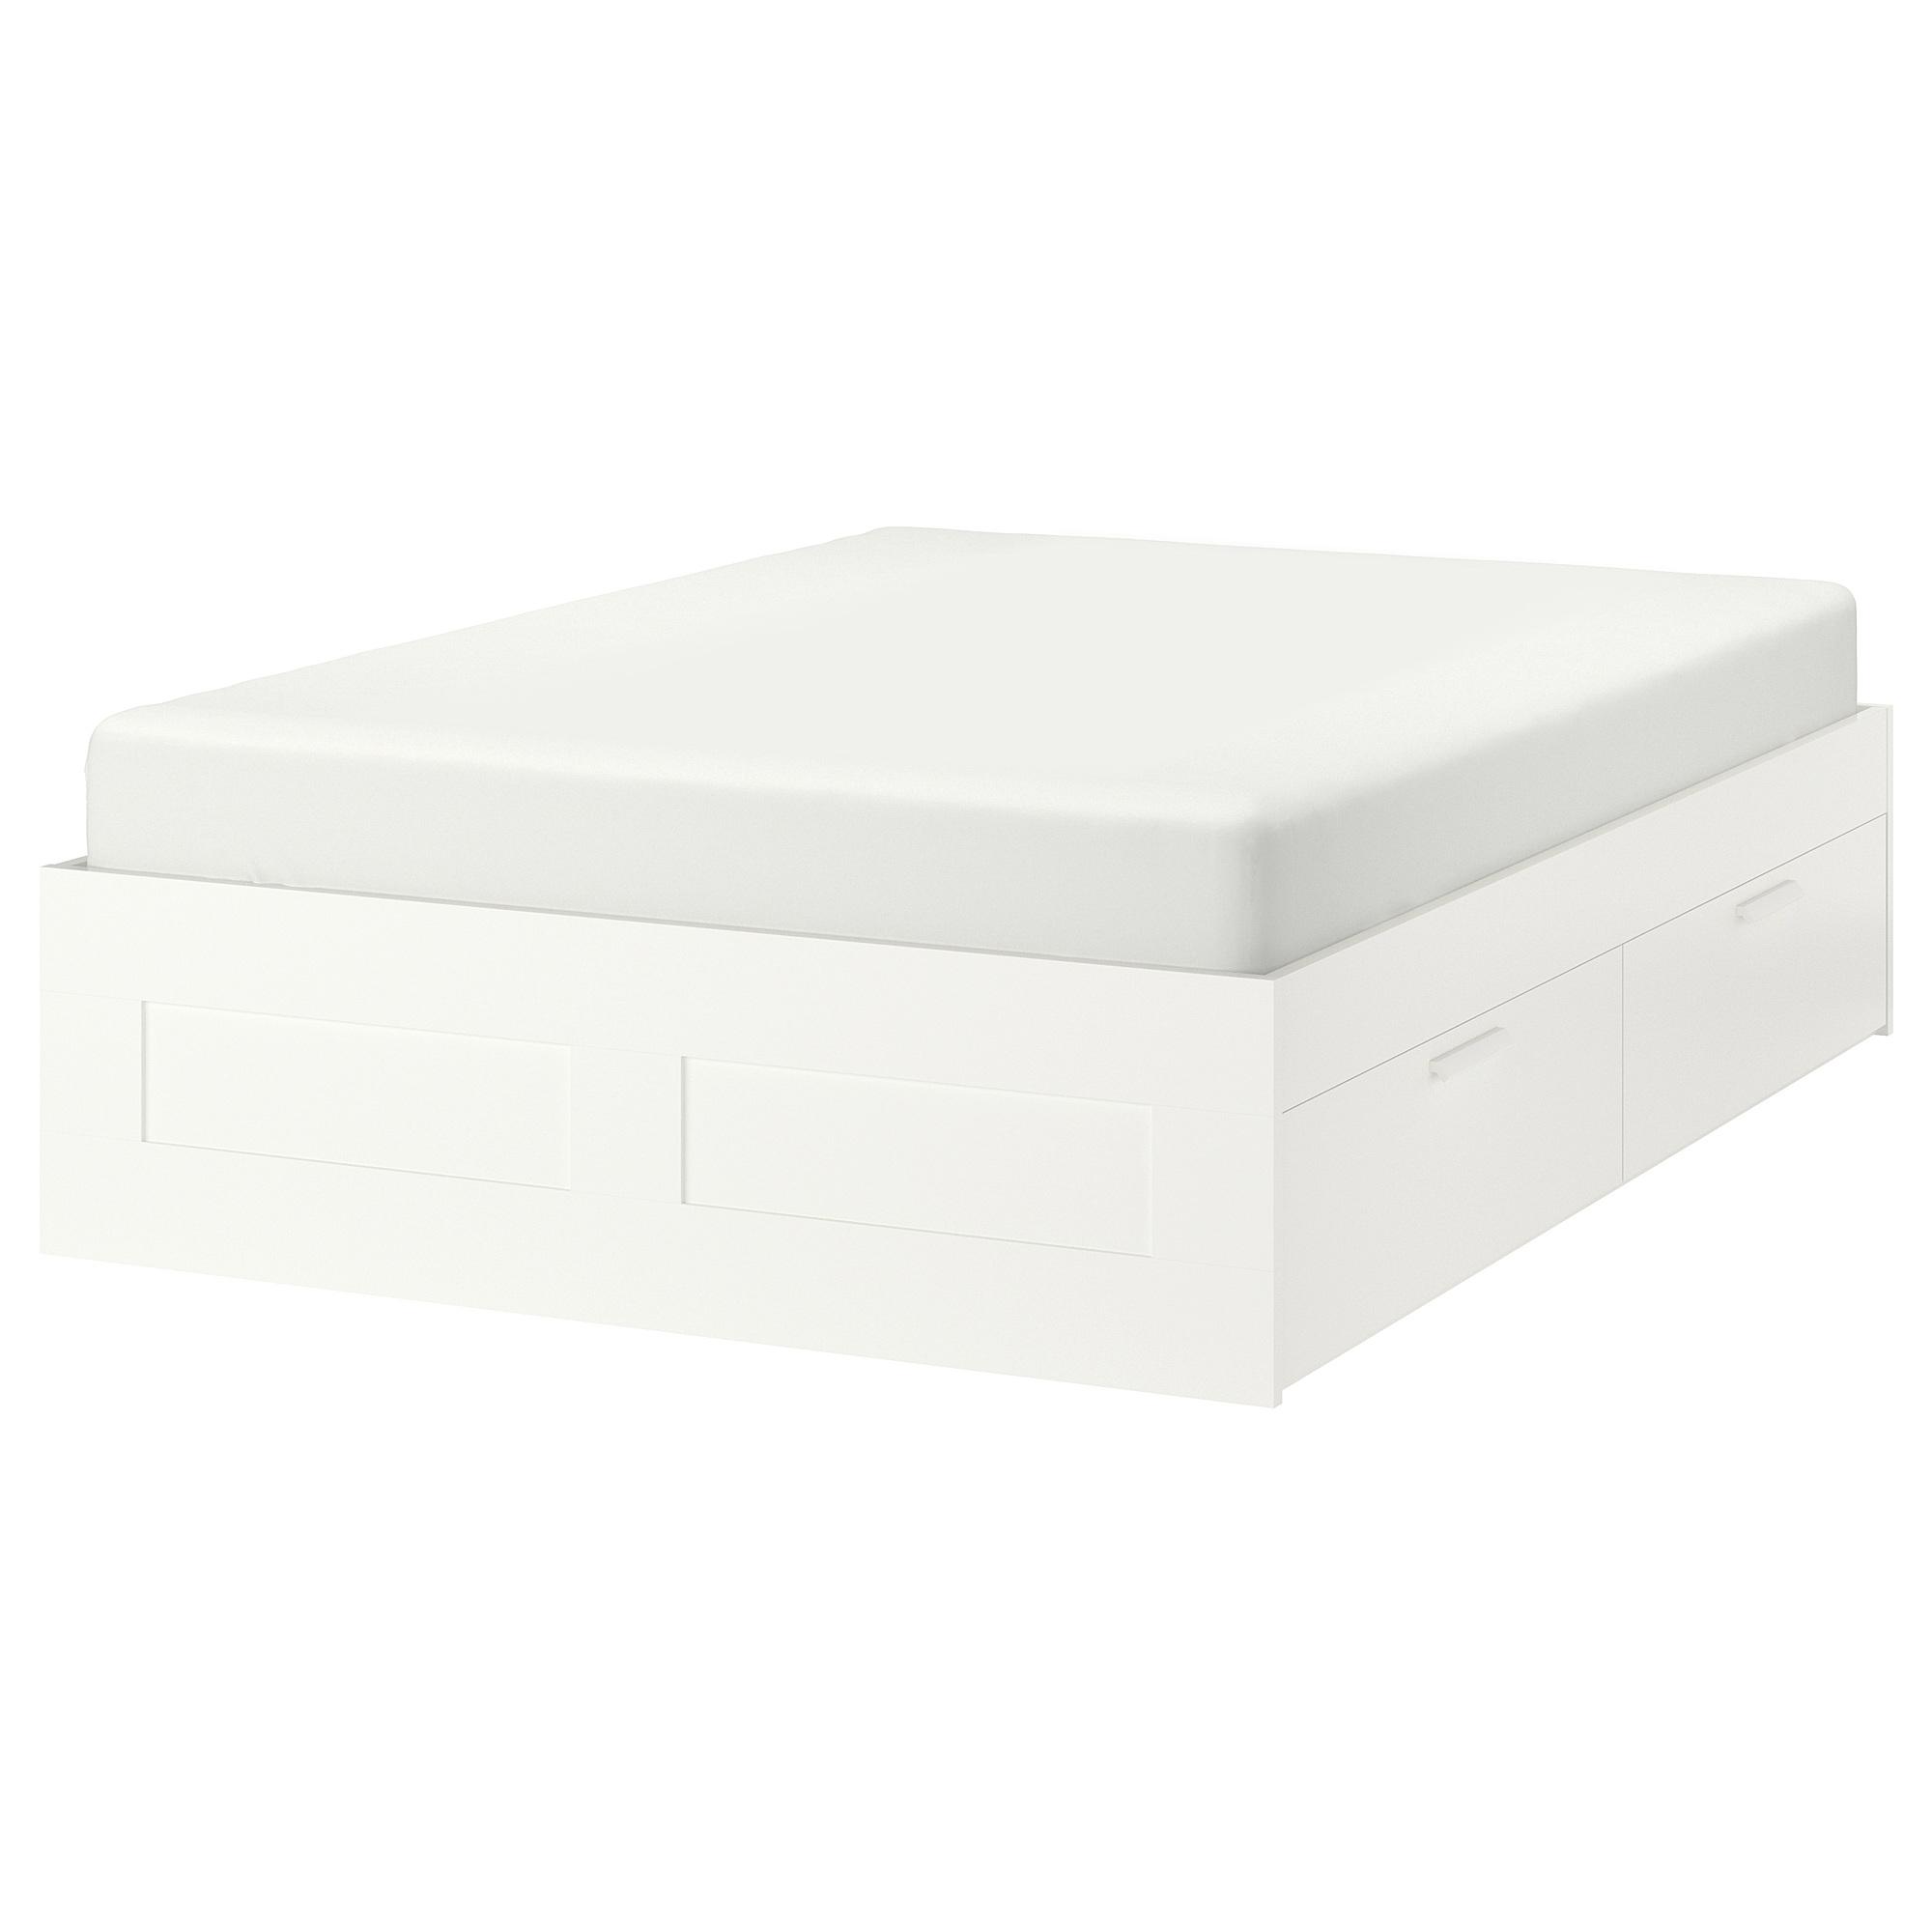 床框附抽屜(床中柱、床底枝條需另購), , 白色, 150x200 公分, 另有180x200 公分可選擇